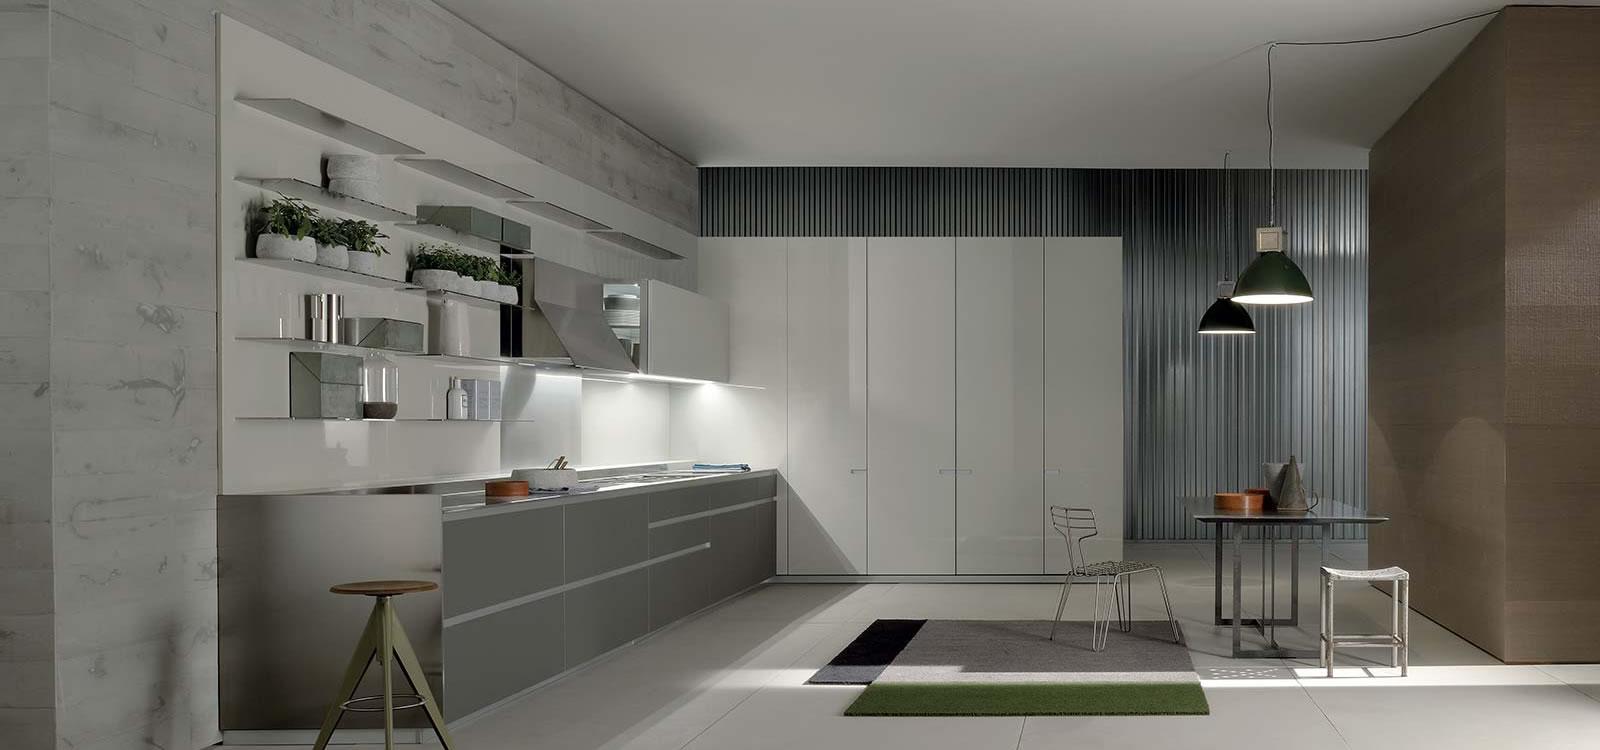 Icon ernestomeda - Areazione cucina ...